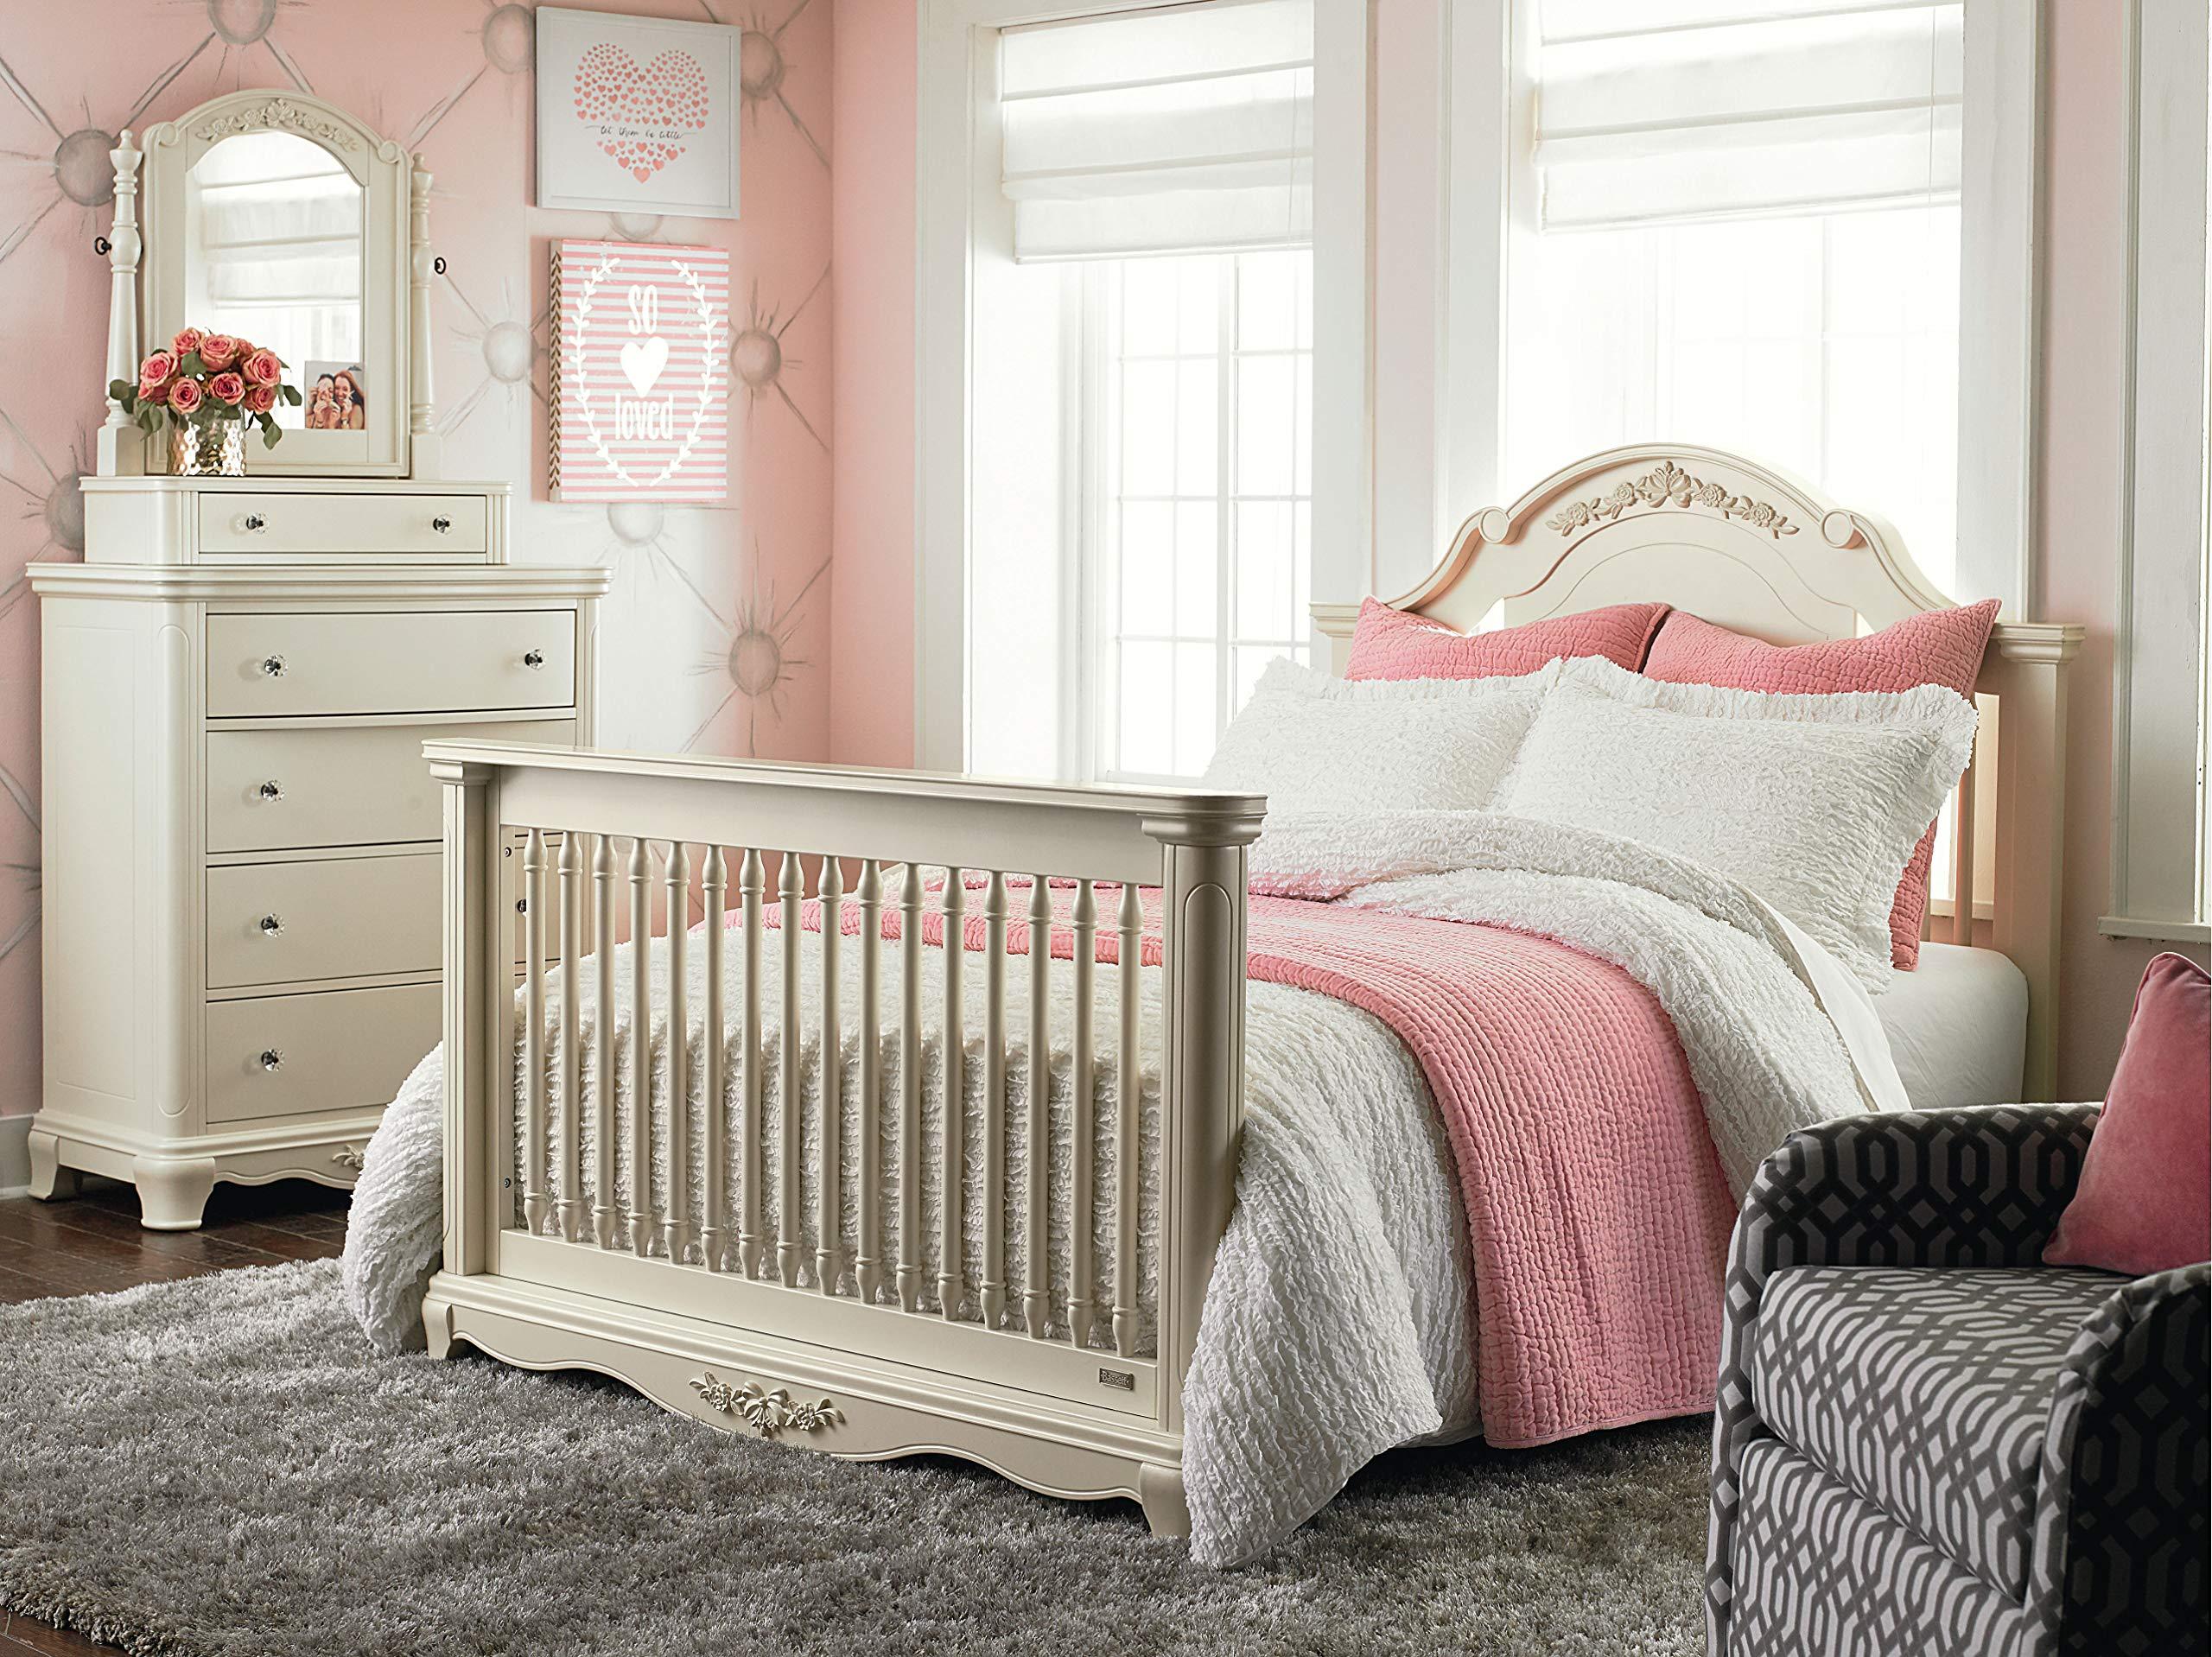 Bassett Baby & Kids Addison Full-Size Bed Rails, Pearl White